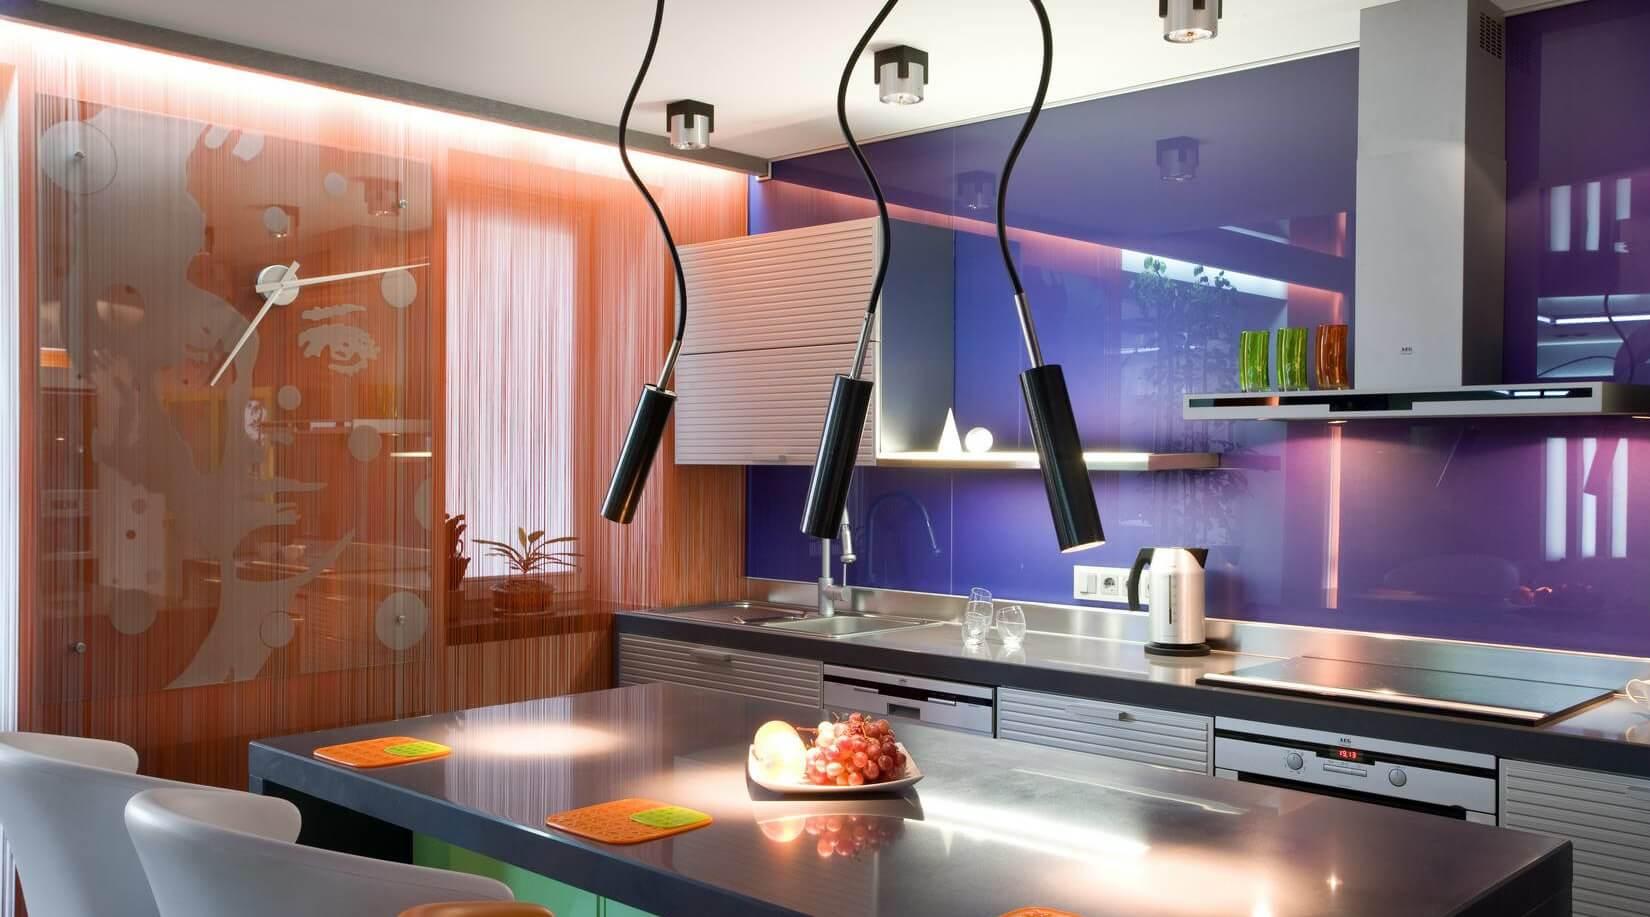 рабочая стена на кухне из стекла фото узкие пыльные